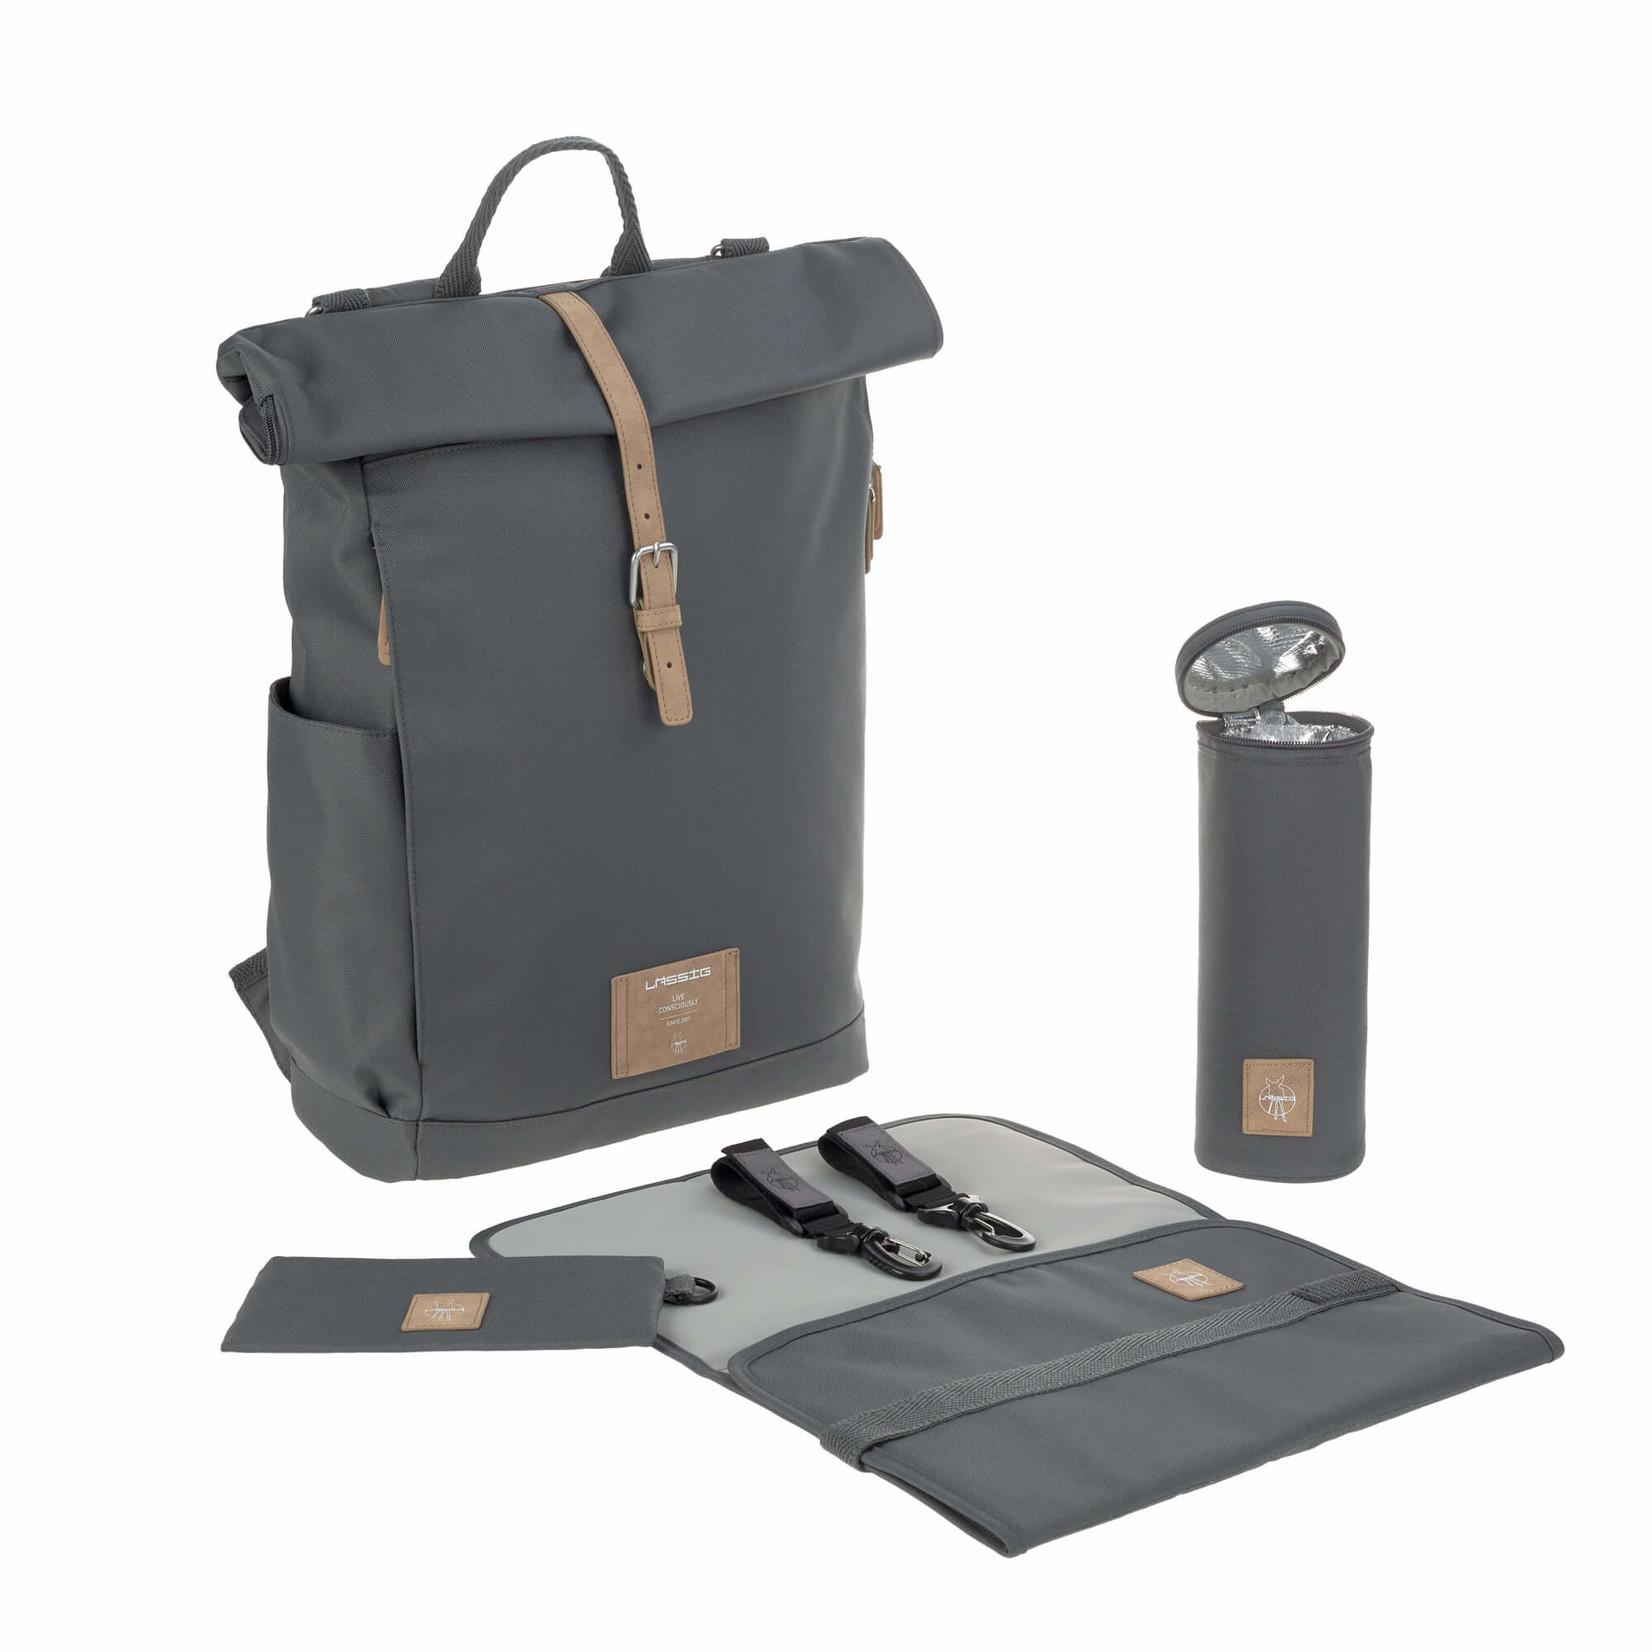 Lässig Fashion Praktischer Wickeltaschen-Rucksack mit Rolltop in Anthrazit